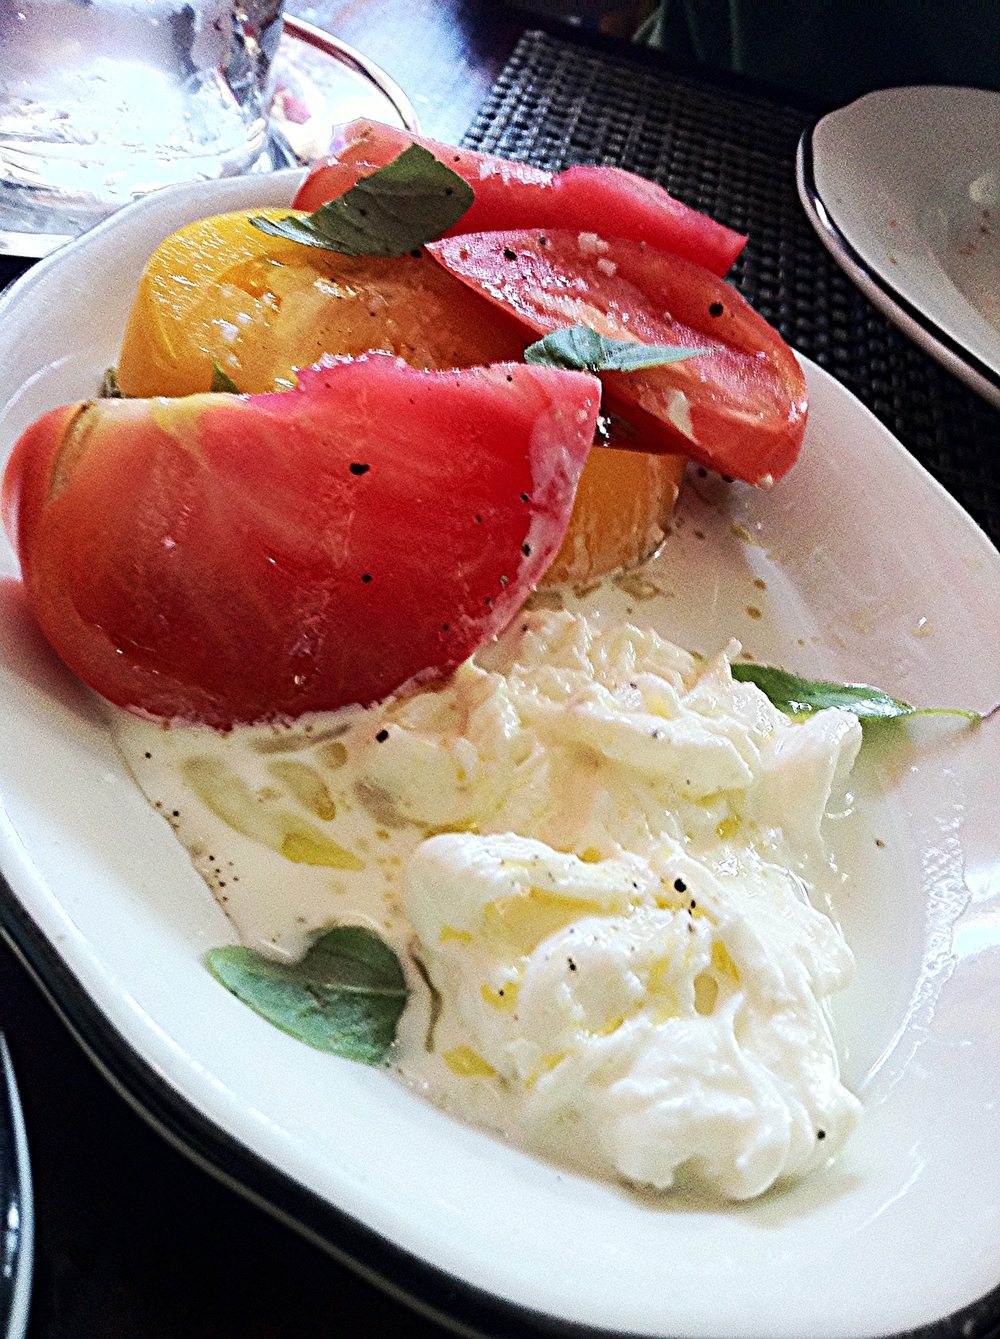 Os deliciosos  Heirloom Tomatoes  com queijo  Stracciatella , azeite, manjericão, flor de sal e pimenta.